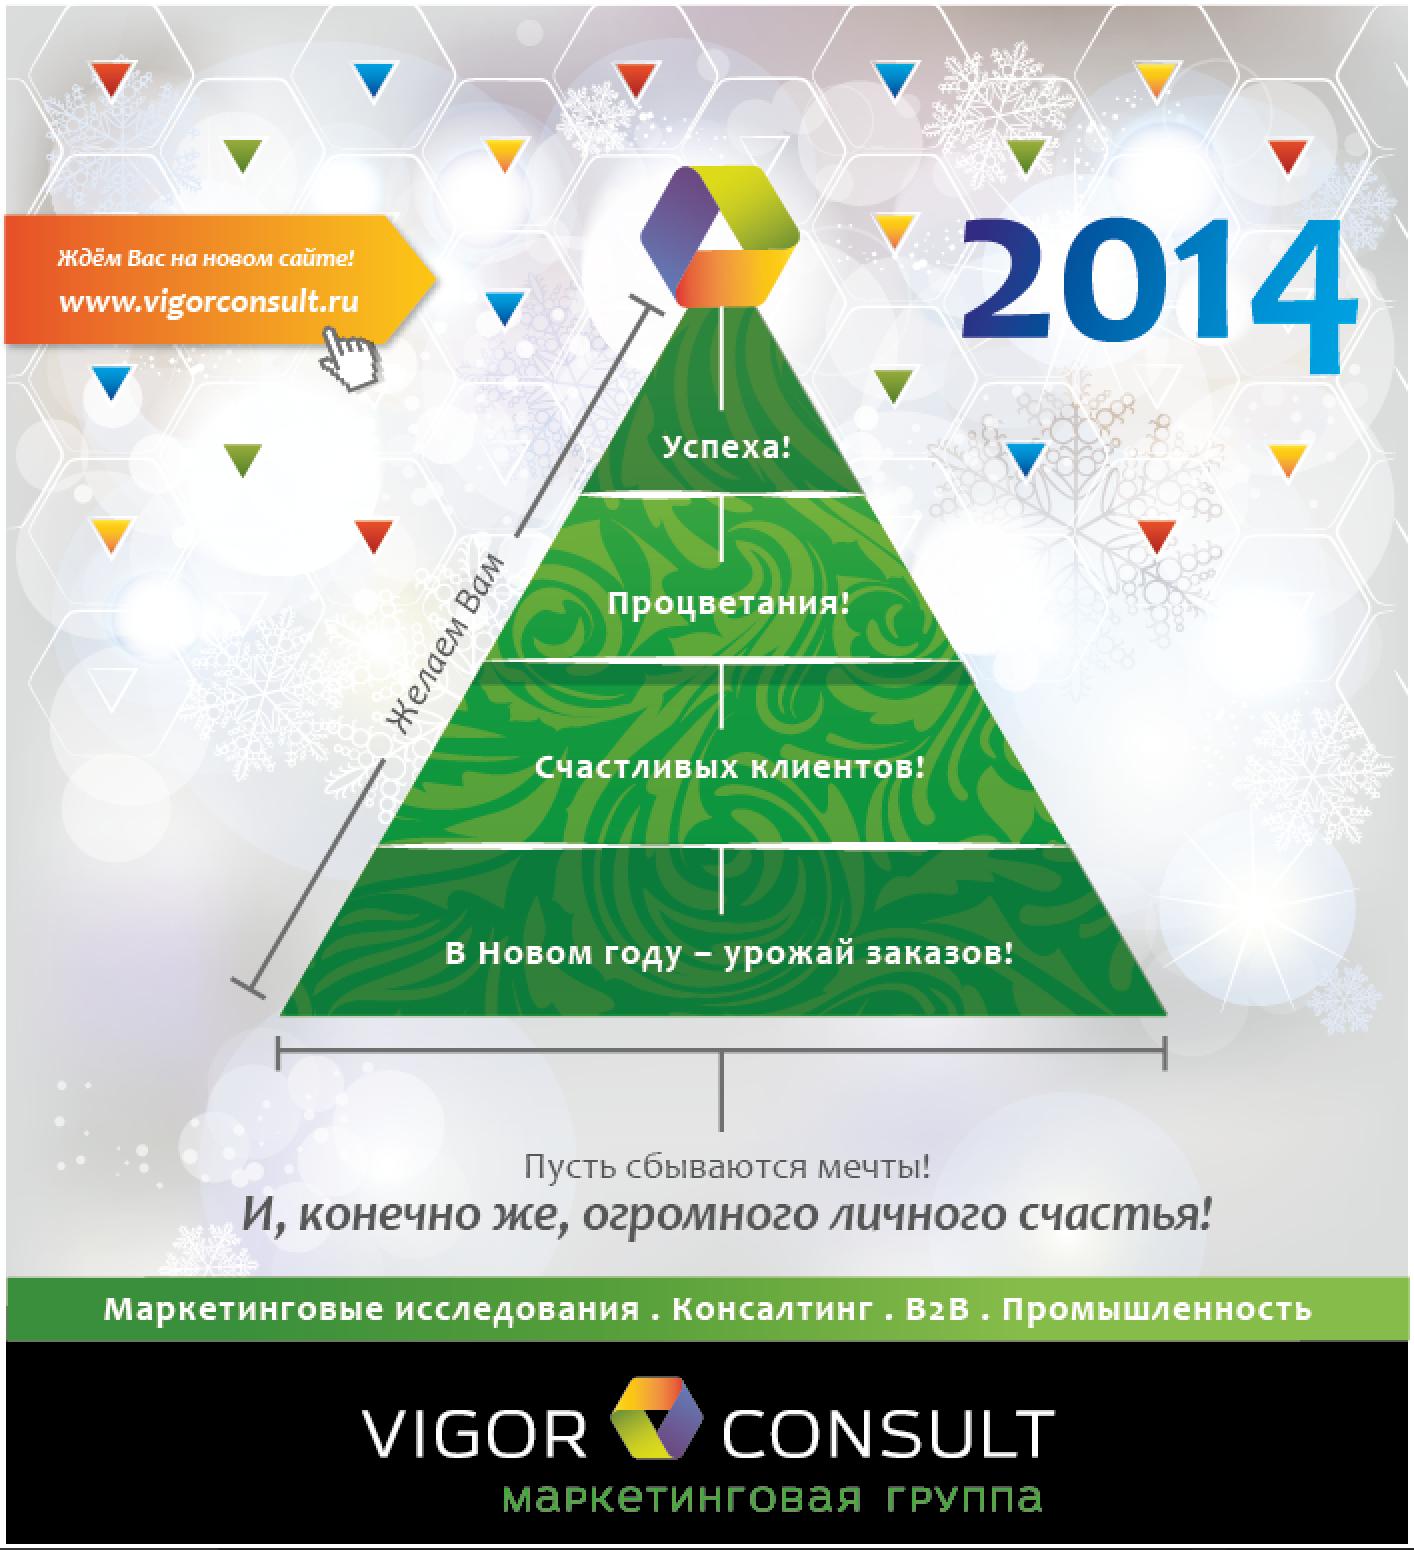 Vigor Consult NY 2014